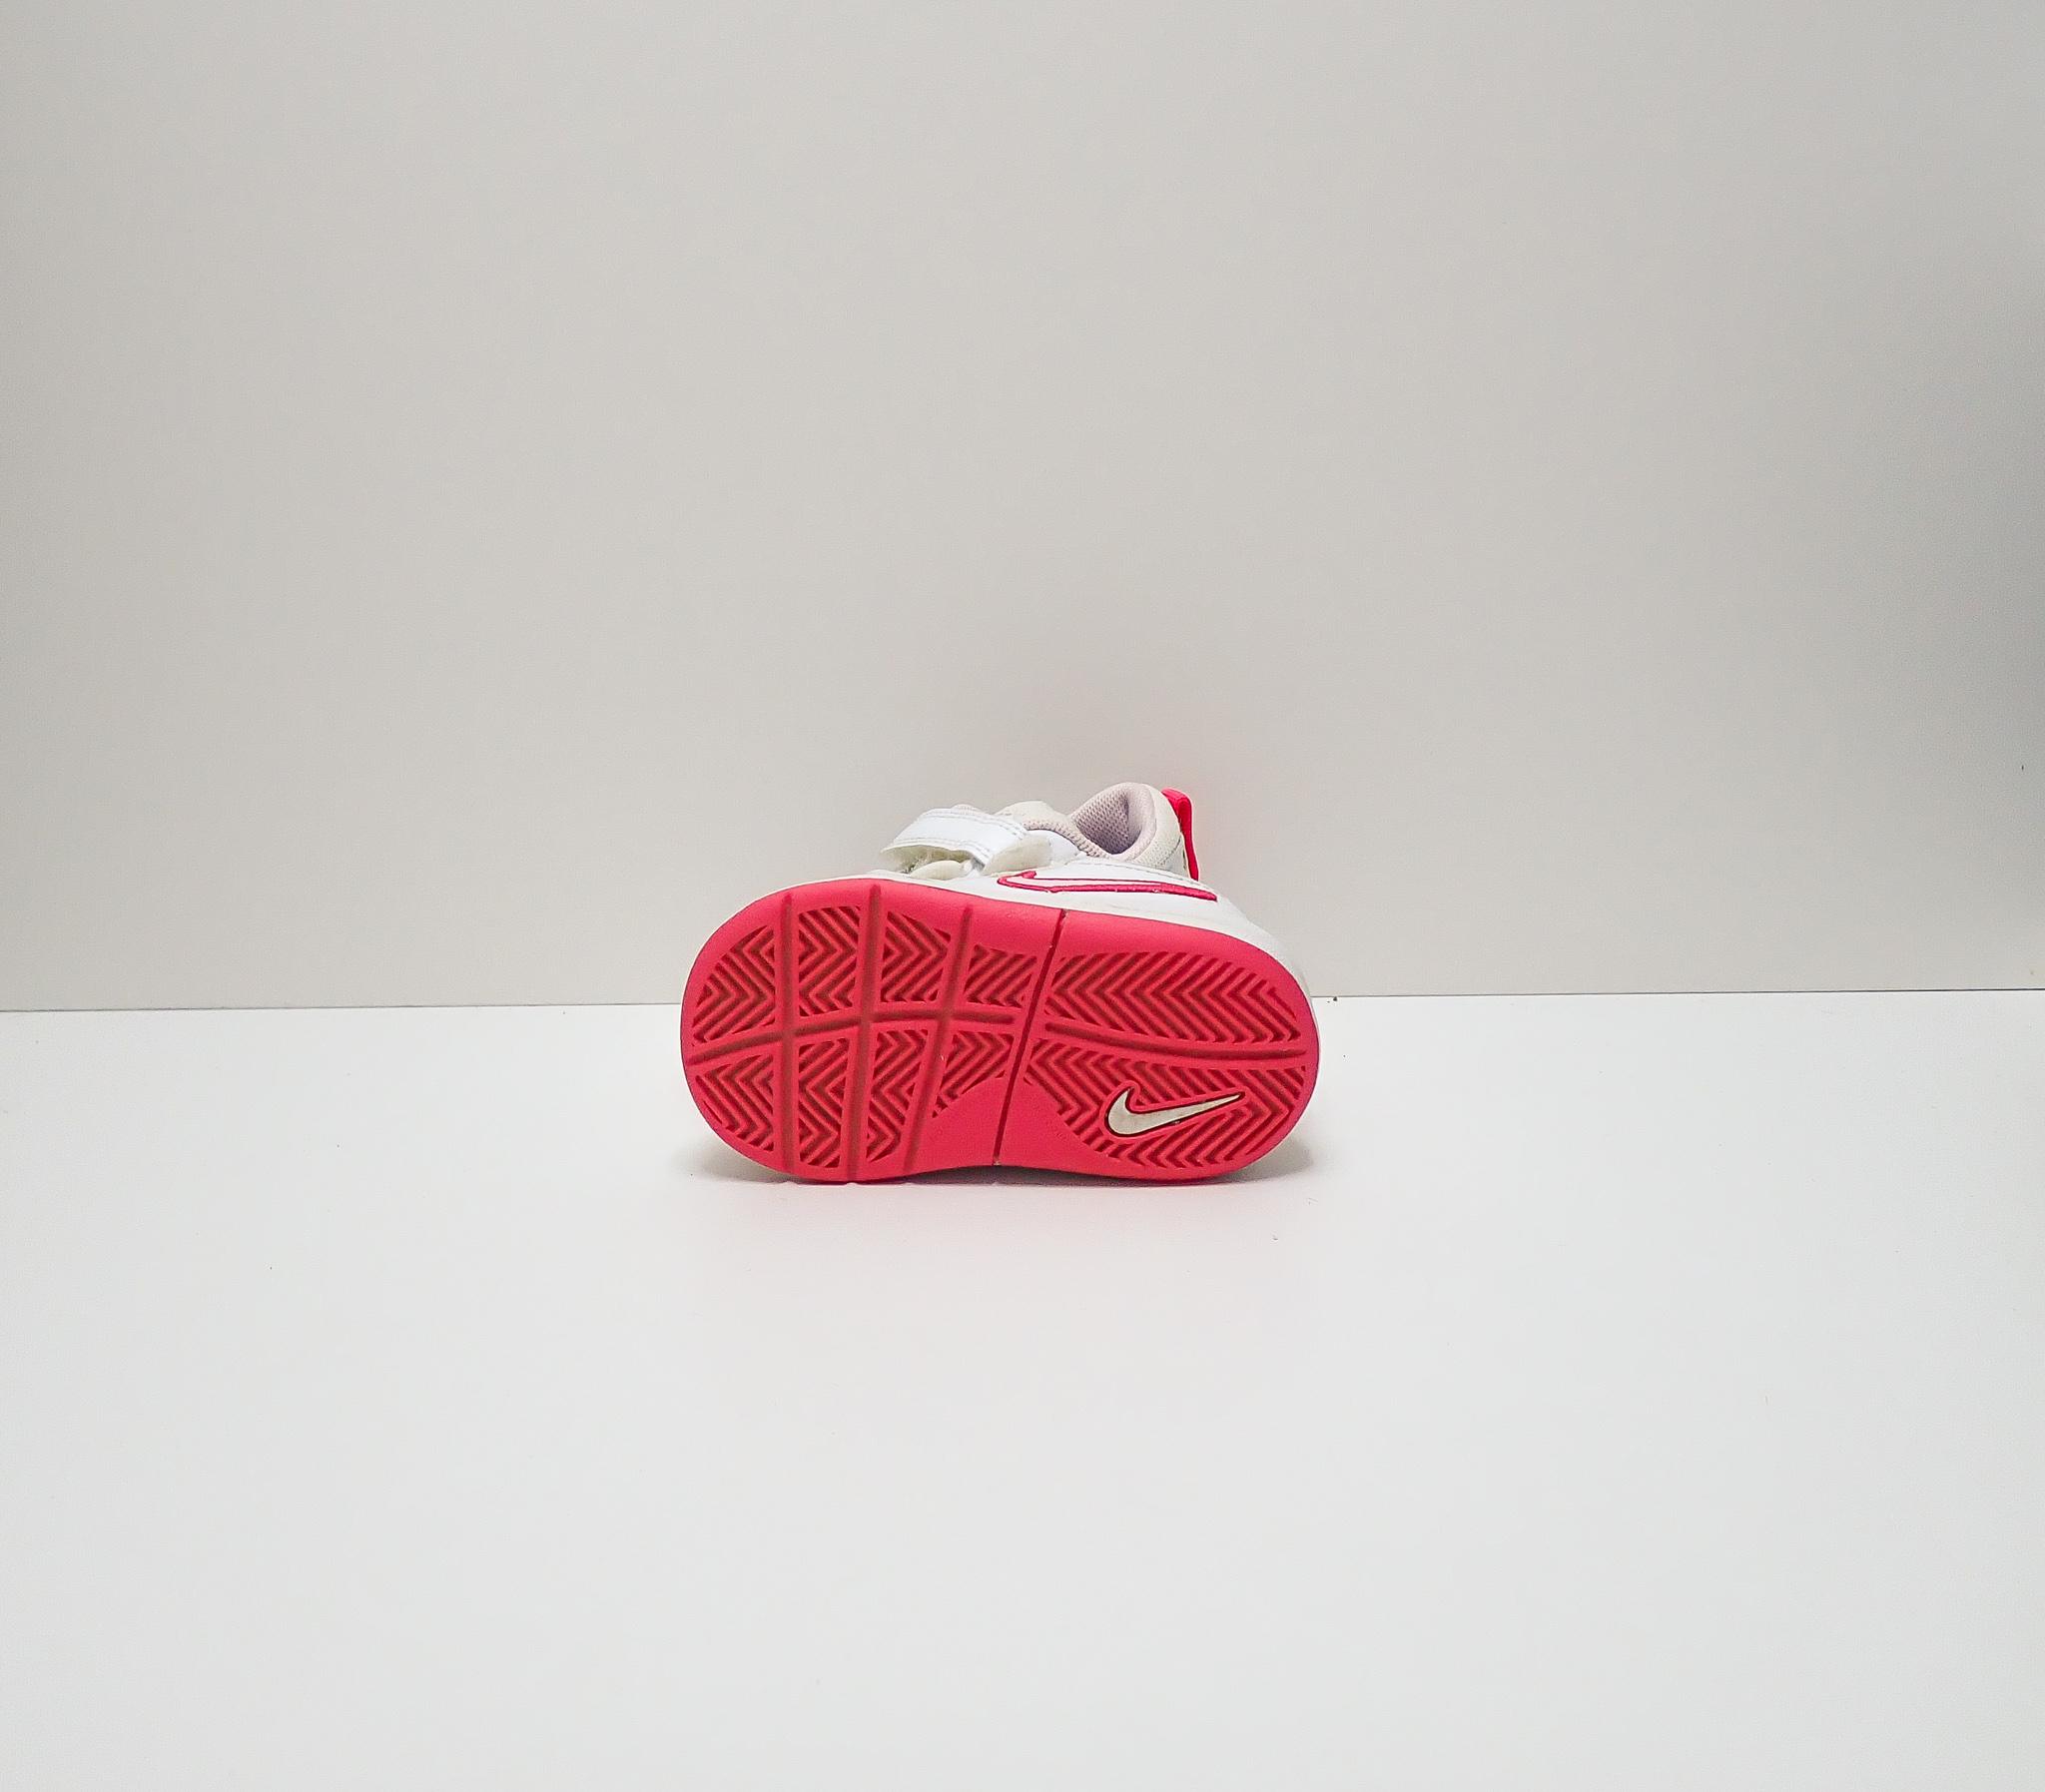 Nike Pico 4 Toddler